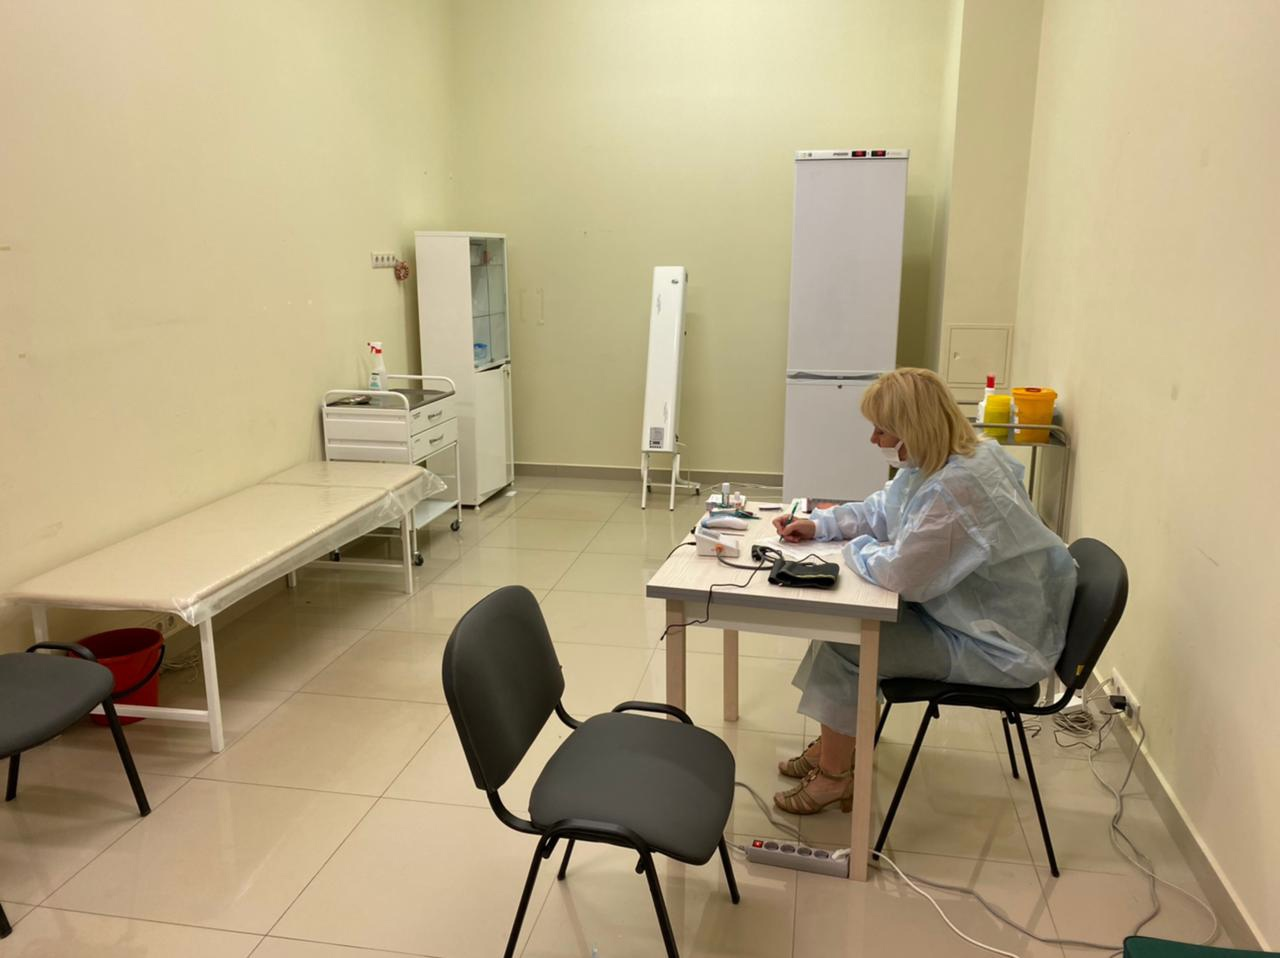 В Ярославле разыграют смартфоны среди тех, кто привился от коронавируса в торговом центре